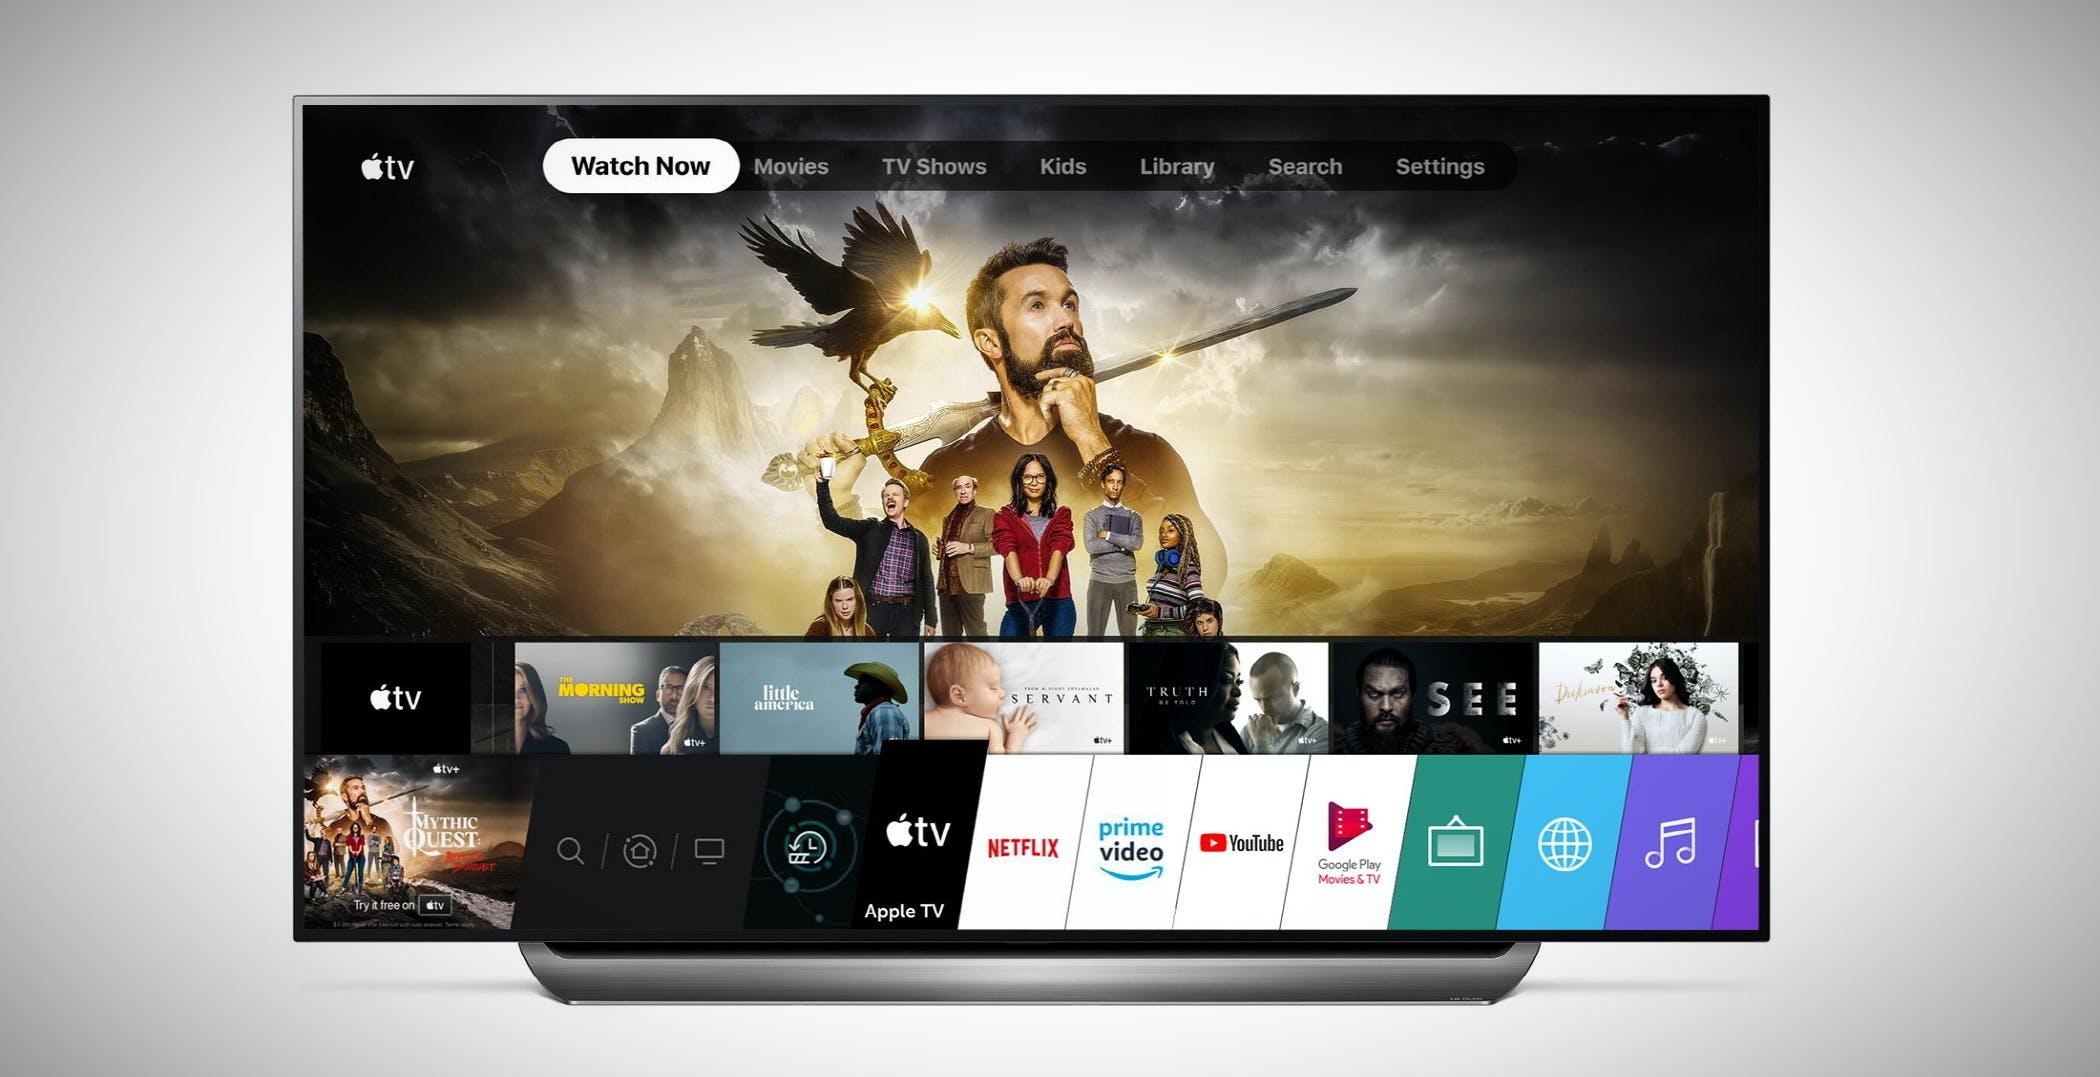 Apple TV sta arrivando sulle smart TV LG del 2018? Alcuni utenti dicono di sì